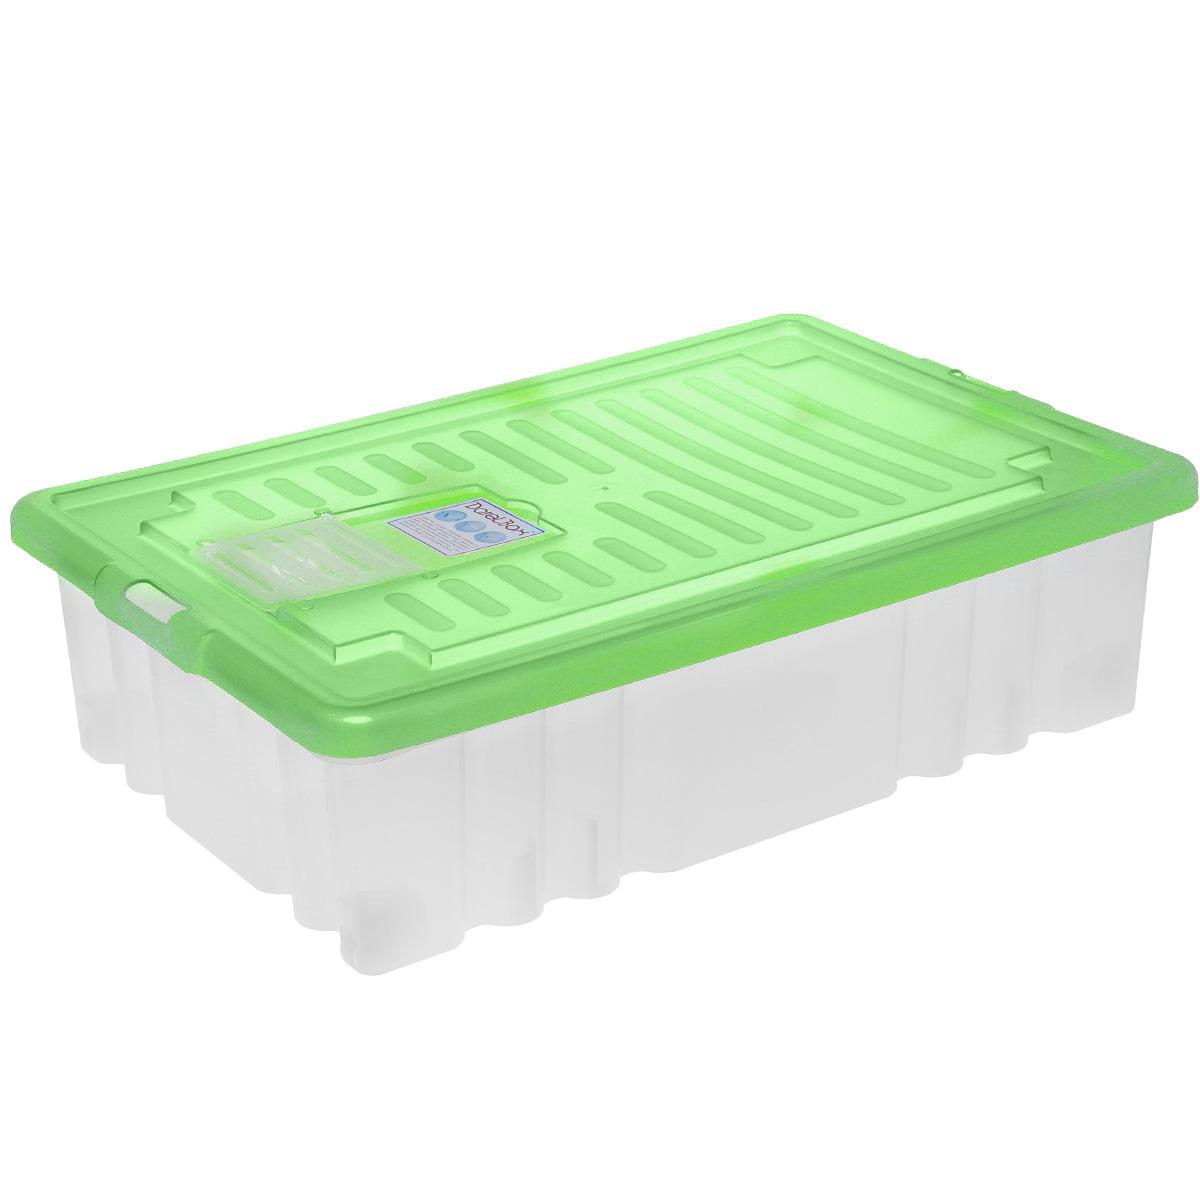 Ящик Darel Box, с крышкой, цвет: прозрачный, салатовый, 36 лЯФ0136Прямоугольный ящик Darel Plastic изготовлен из высокопрочного полипропилена (пластика). Ящик можно использовать в квартире, в автомобиле, на даче, в кладовой. В нем удобно хранить продукты, текстиль, игрушки, различные аксессуары и бытовые предметы. Ящик снабжен цветной крышкой. Специальный клапан предназначен для антимолиевых и дезодорирующих средств. Колесики обеспечивают удобство передвижения, они могут принимать два положения: утопленное - для хранения, и рабочее - для передвижения бокса. Такой ящик пригодится в любом хозяйстве. Он поможет хранить вещи в одном месте, а также защитить их от пыли, грязи и влаги.